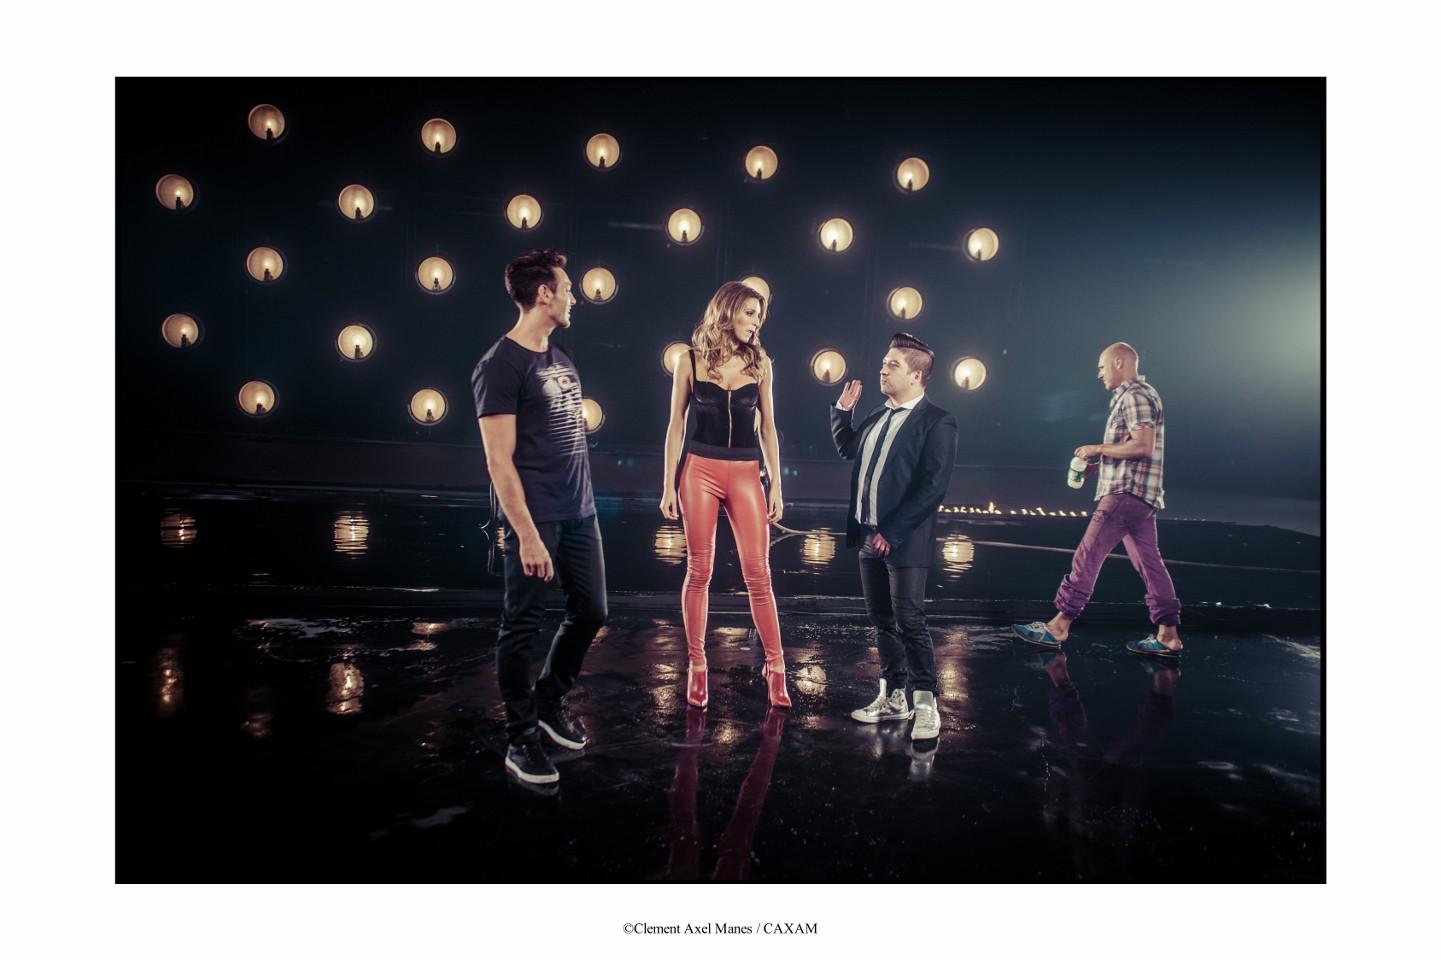 [DALS 4] PHOTOSHOOT Chris Marques Directeur Artistique de #DALS conseillant et guidant les Stars et Danseurs Pros By Clément Axel Manes 2112